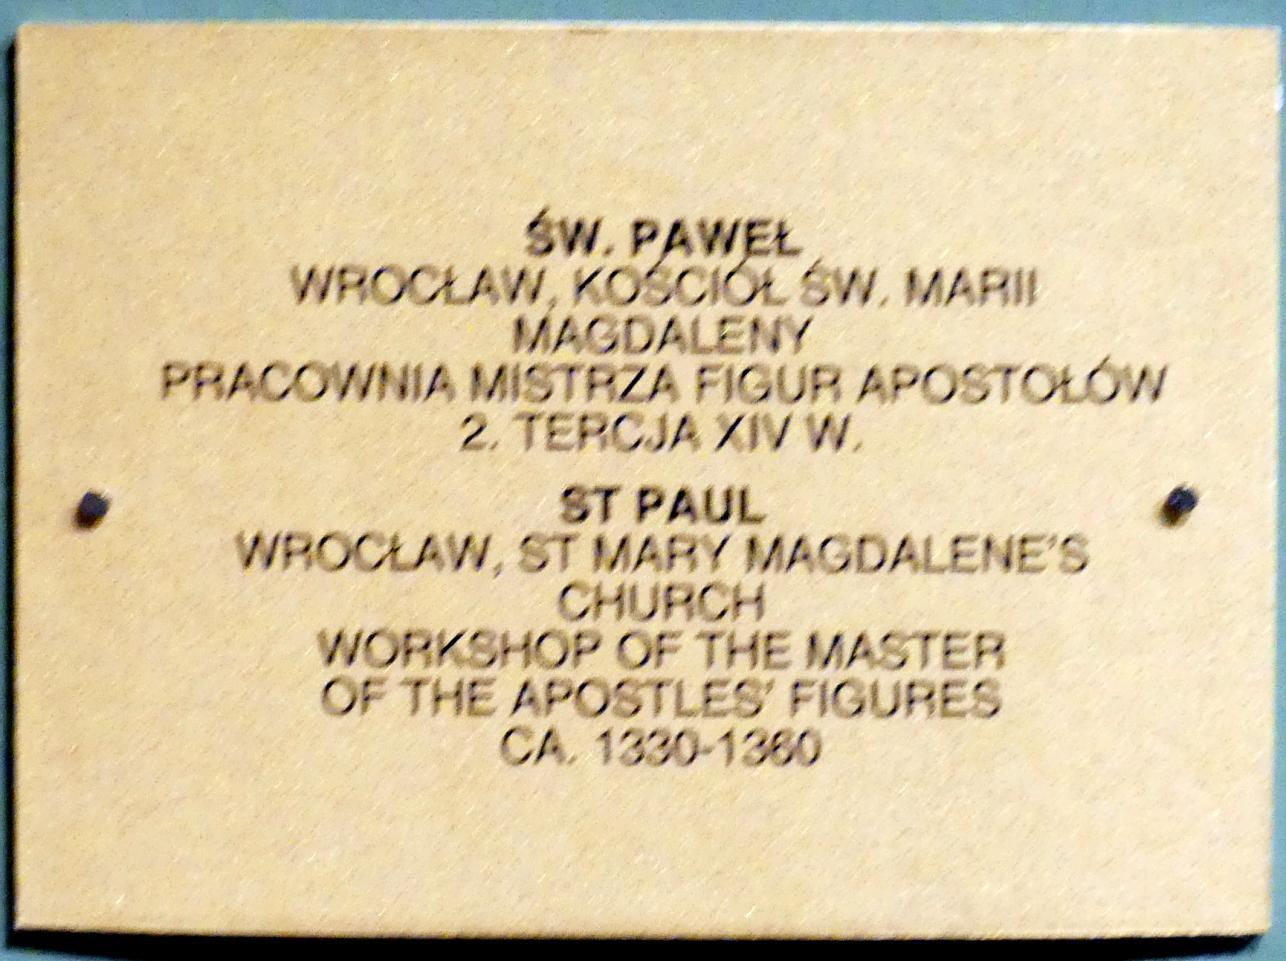 Meister der Apostelfiguren (Breslau) (Werkstatt): Apostel Paulus, 2. Drittel 14. Jhd., Bild 3/3